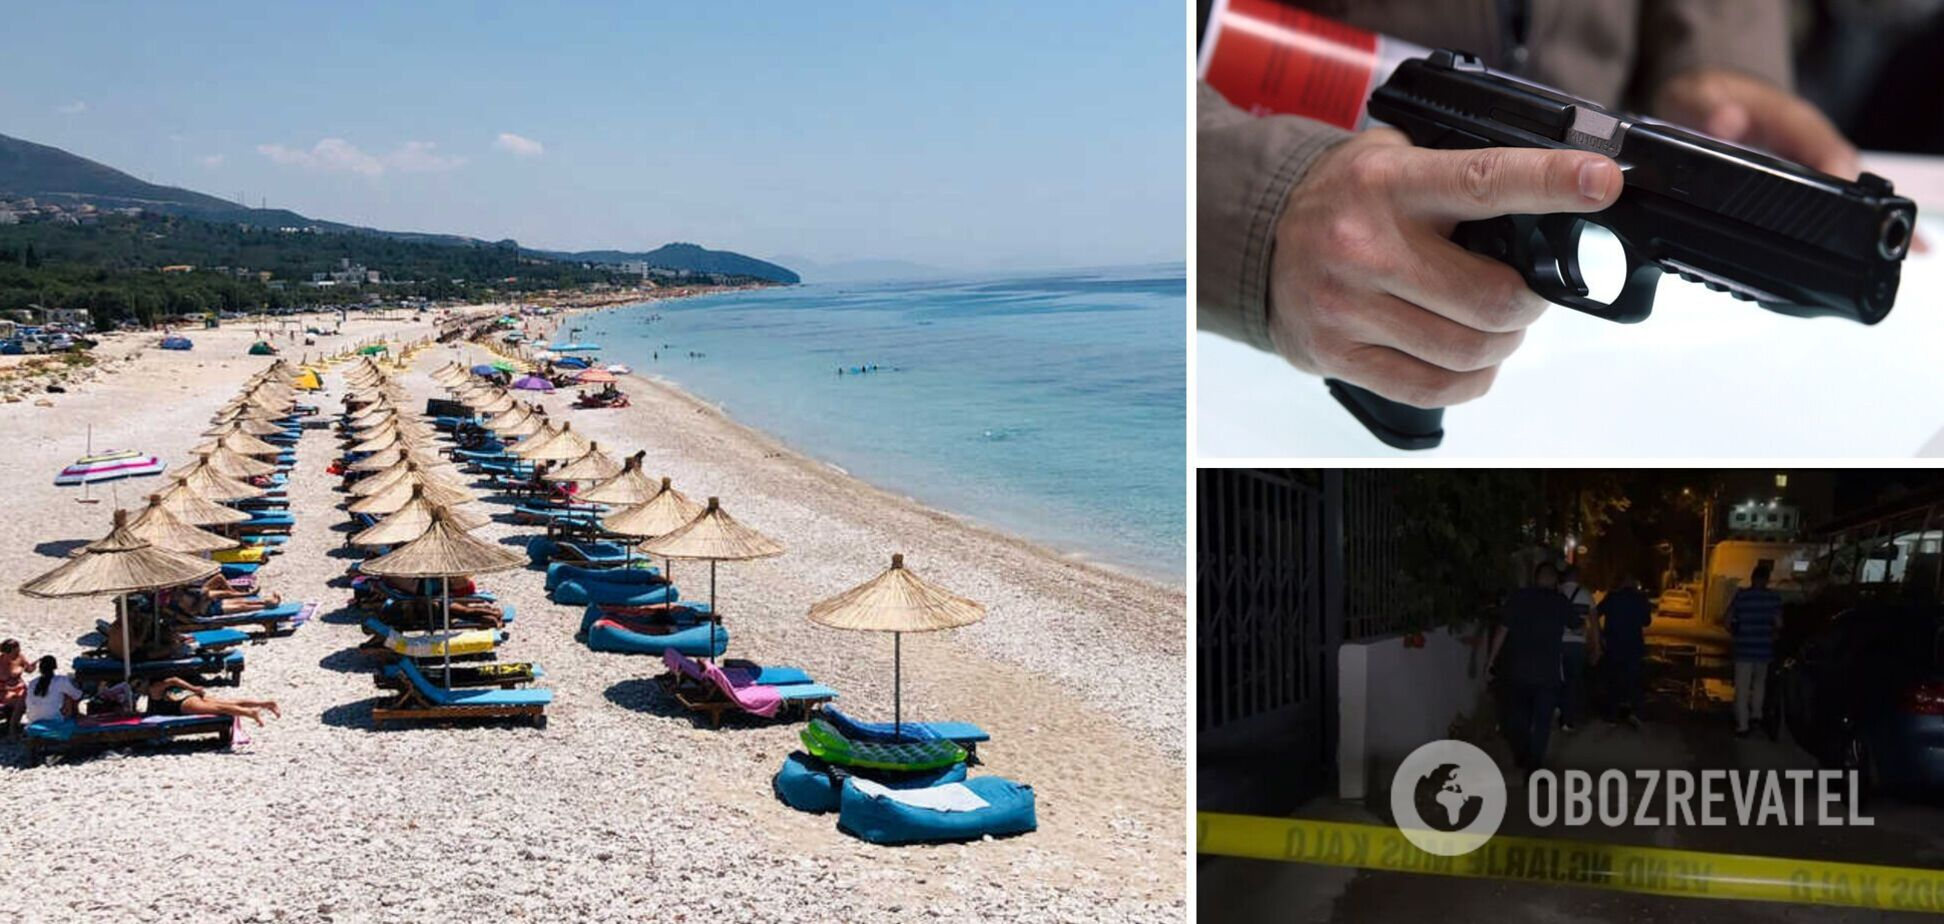 В Албанії конфлікт між власниками готелів обернувся стріляниною, загинули чотири людини